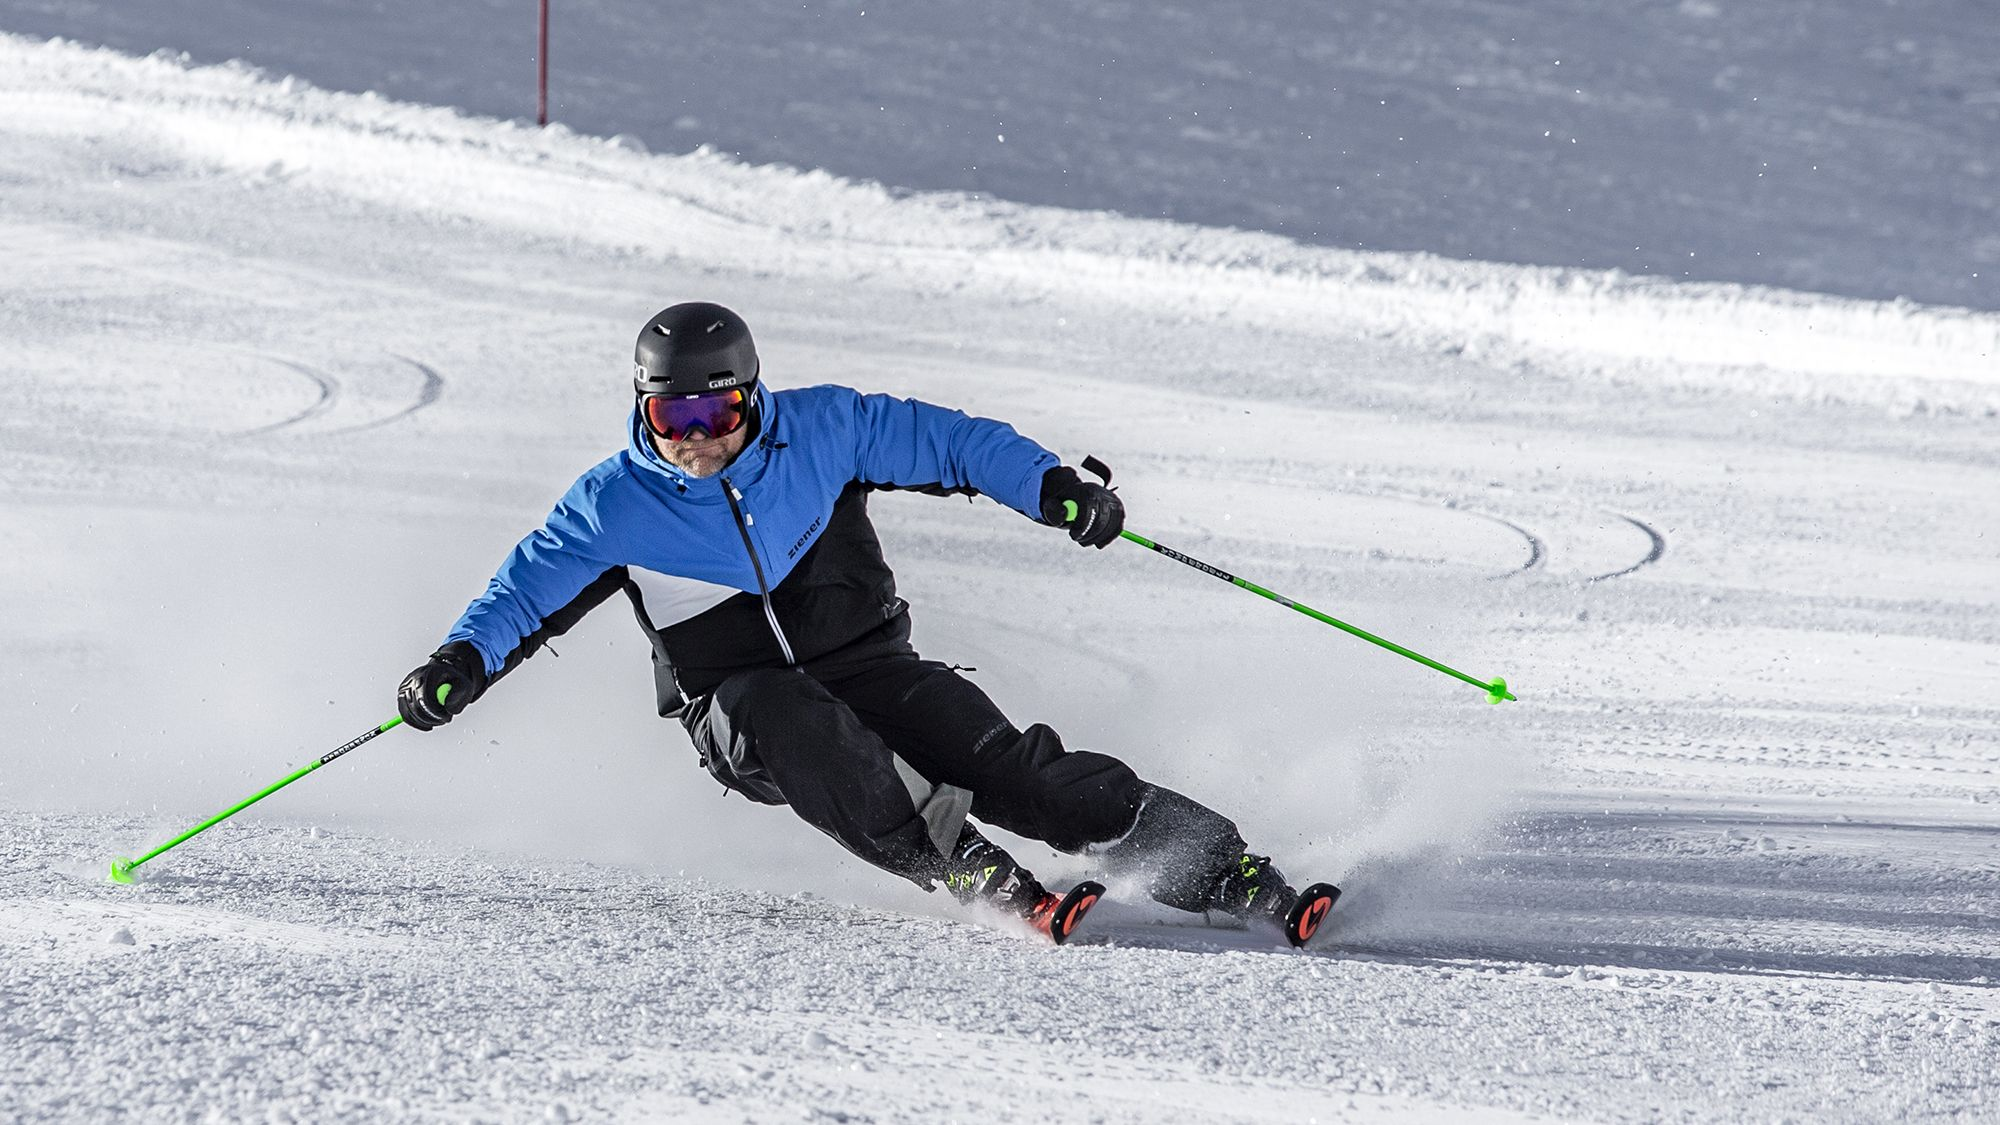 Uitslag skitest 2019-2020: pisteracers